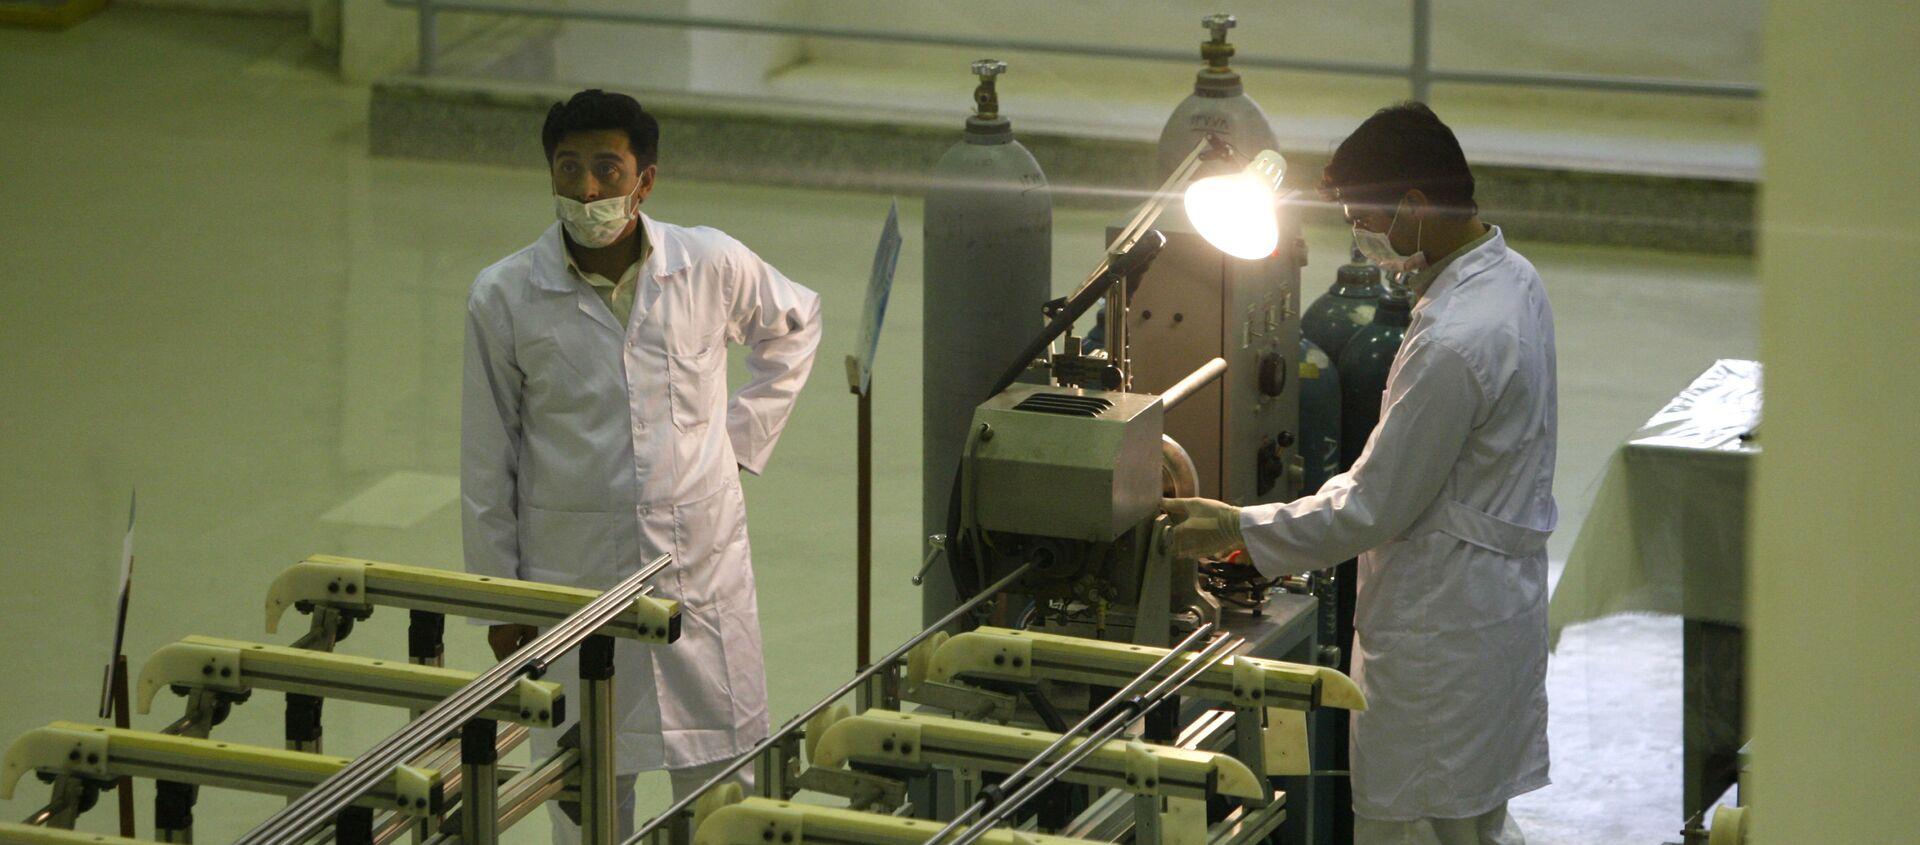 Các nhà khoa học Iran làm việc tại nhà máy sản xuất nhiên liệu uranium cho lò phản ứng hạt nhân - Sputnik Việt Nam, 1920, 25.02.2021